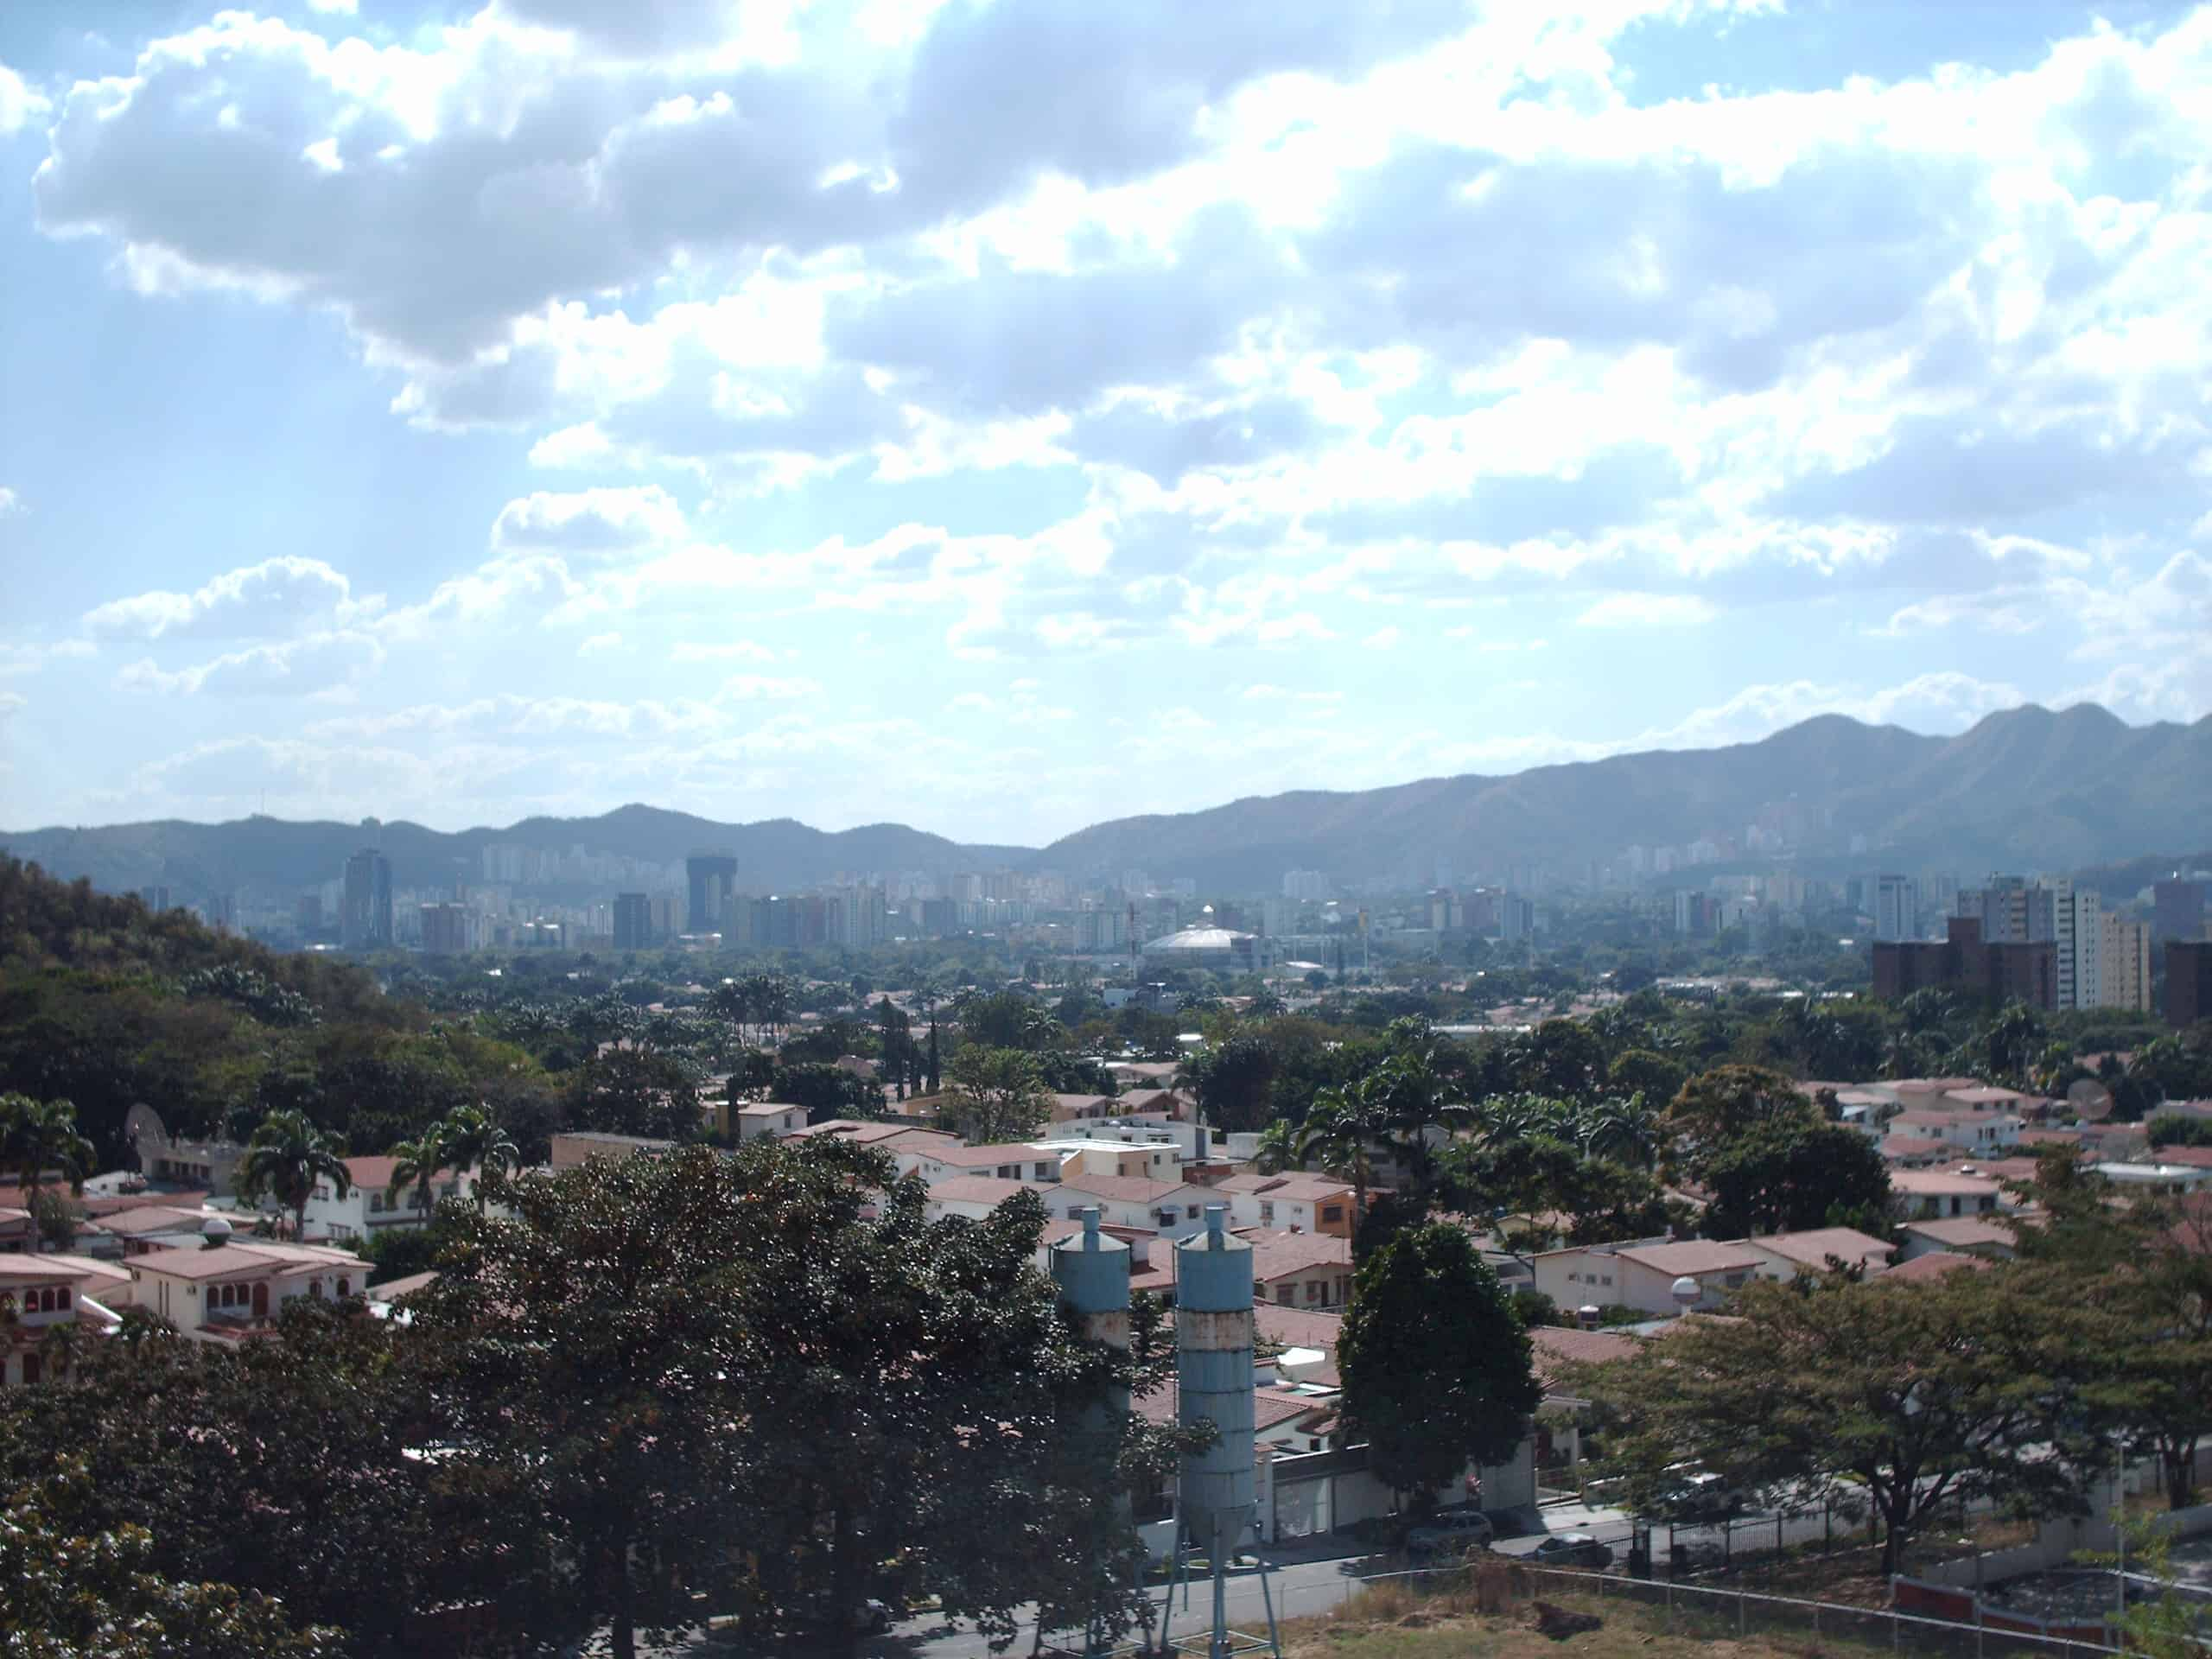 Au tout début de l'année, les corps sans vie de Miss Venezuela 2004 et de son petit-ami avaient été découverts dans une voiture. La mort du couple serait due à une fusillade. Et aujourd'hui, c'est Génésis Carmona, élue Miss Tourisme de l'État de Carabobo, qui est décédée mercredi à la clinique Méndez Guerra. Il aura […]